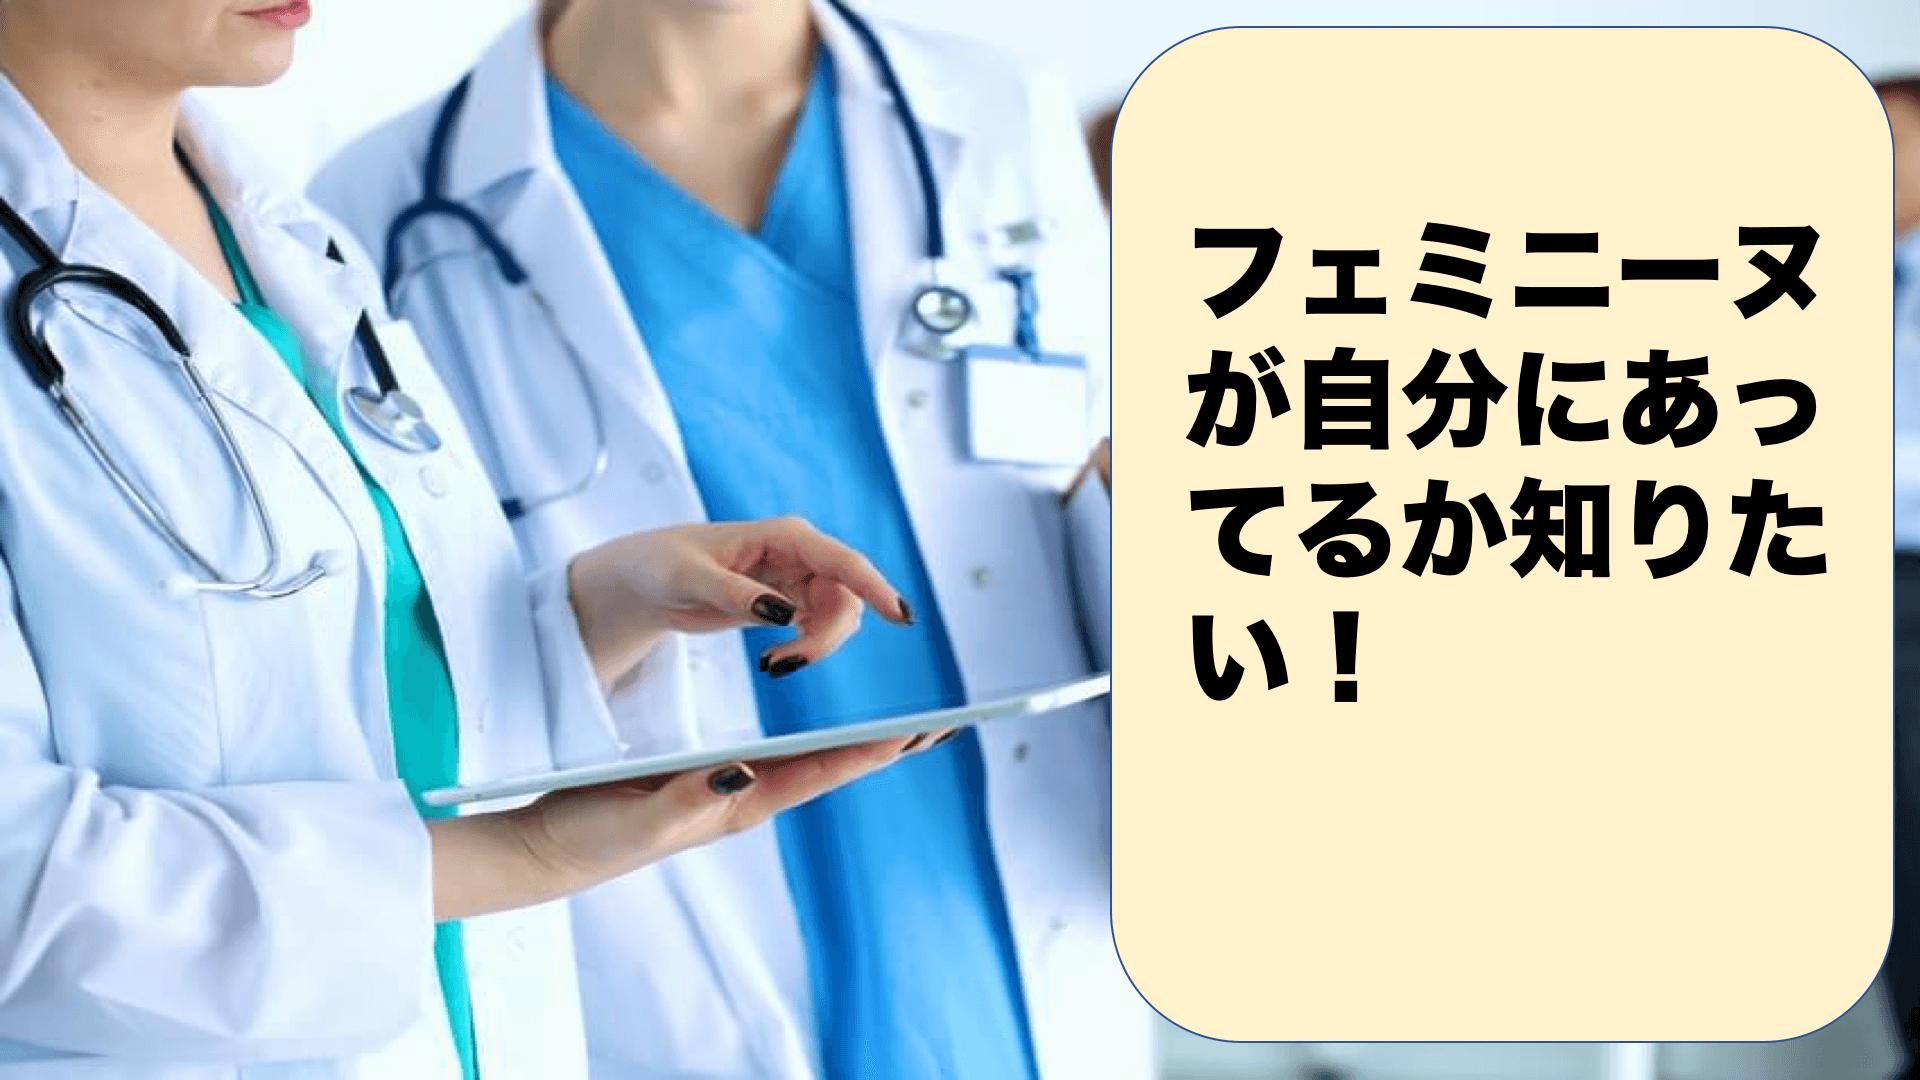 損保ジャパン日本興亜ひまわり生命「フェミニーヌ」どんな人におすすめ?